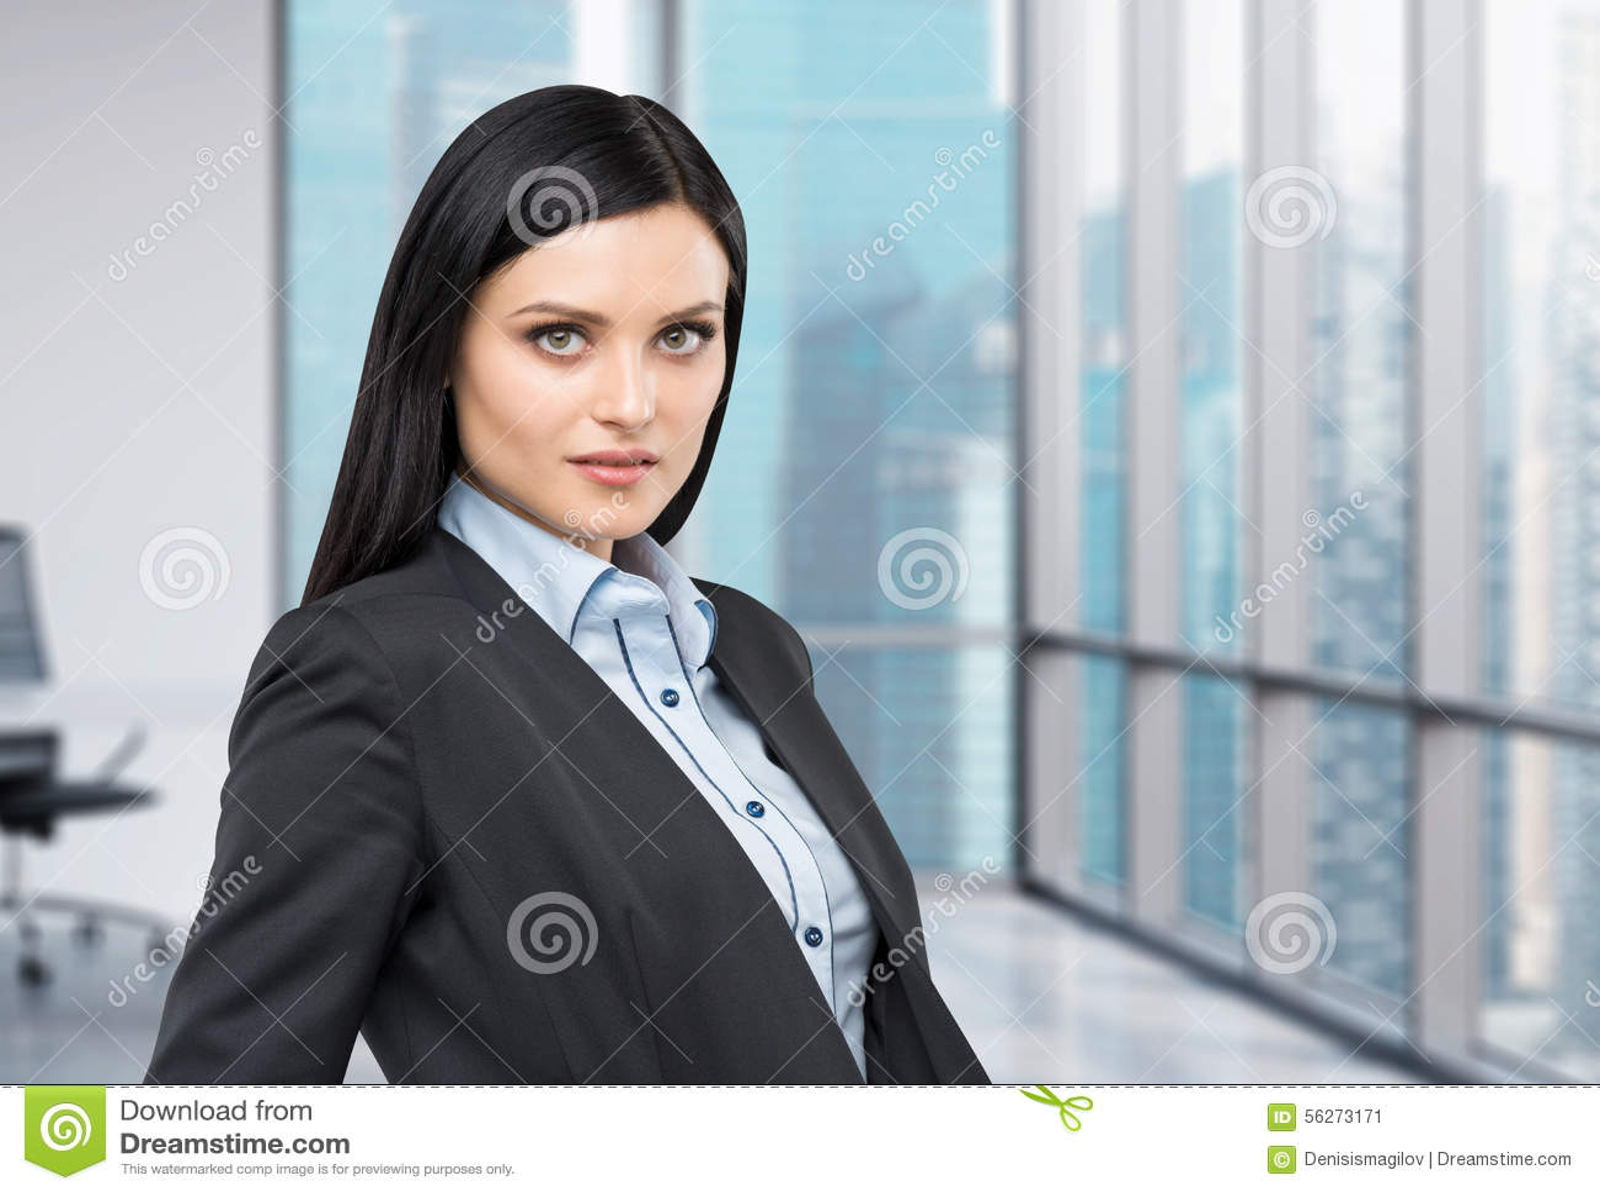 Retrato de uma senhora bonita em um terno formal Opinião panorâmico da cidade do negócio do escritório moderno